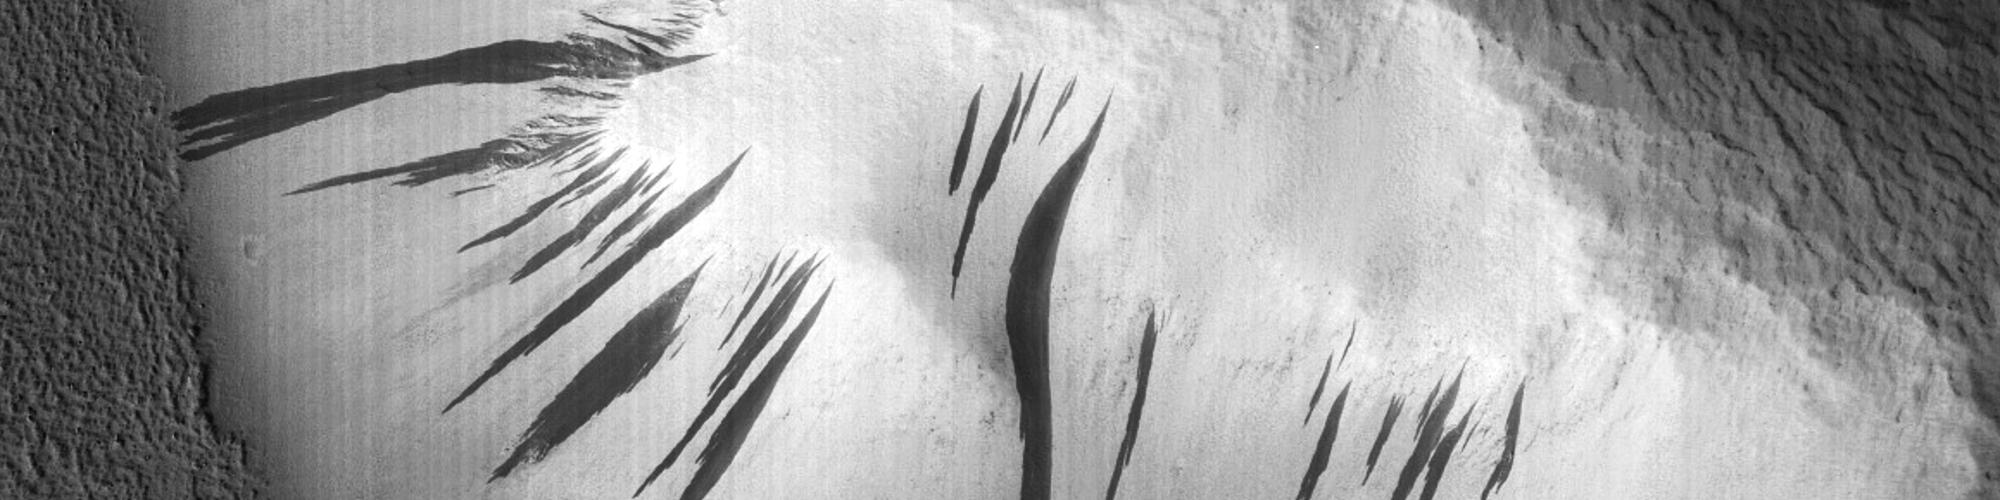 مجموعة من التلال والشرائط الخطية المنحدرة